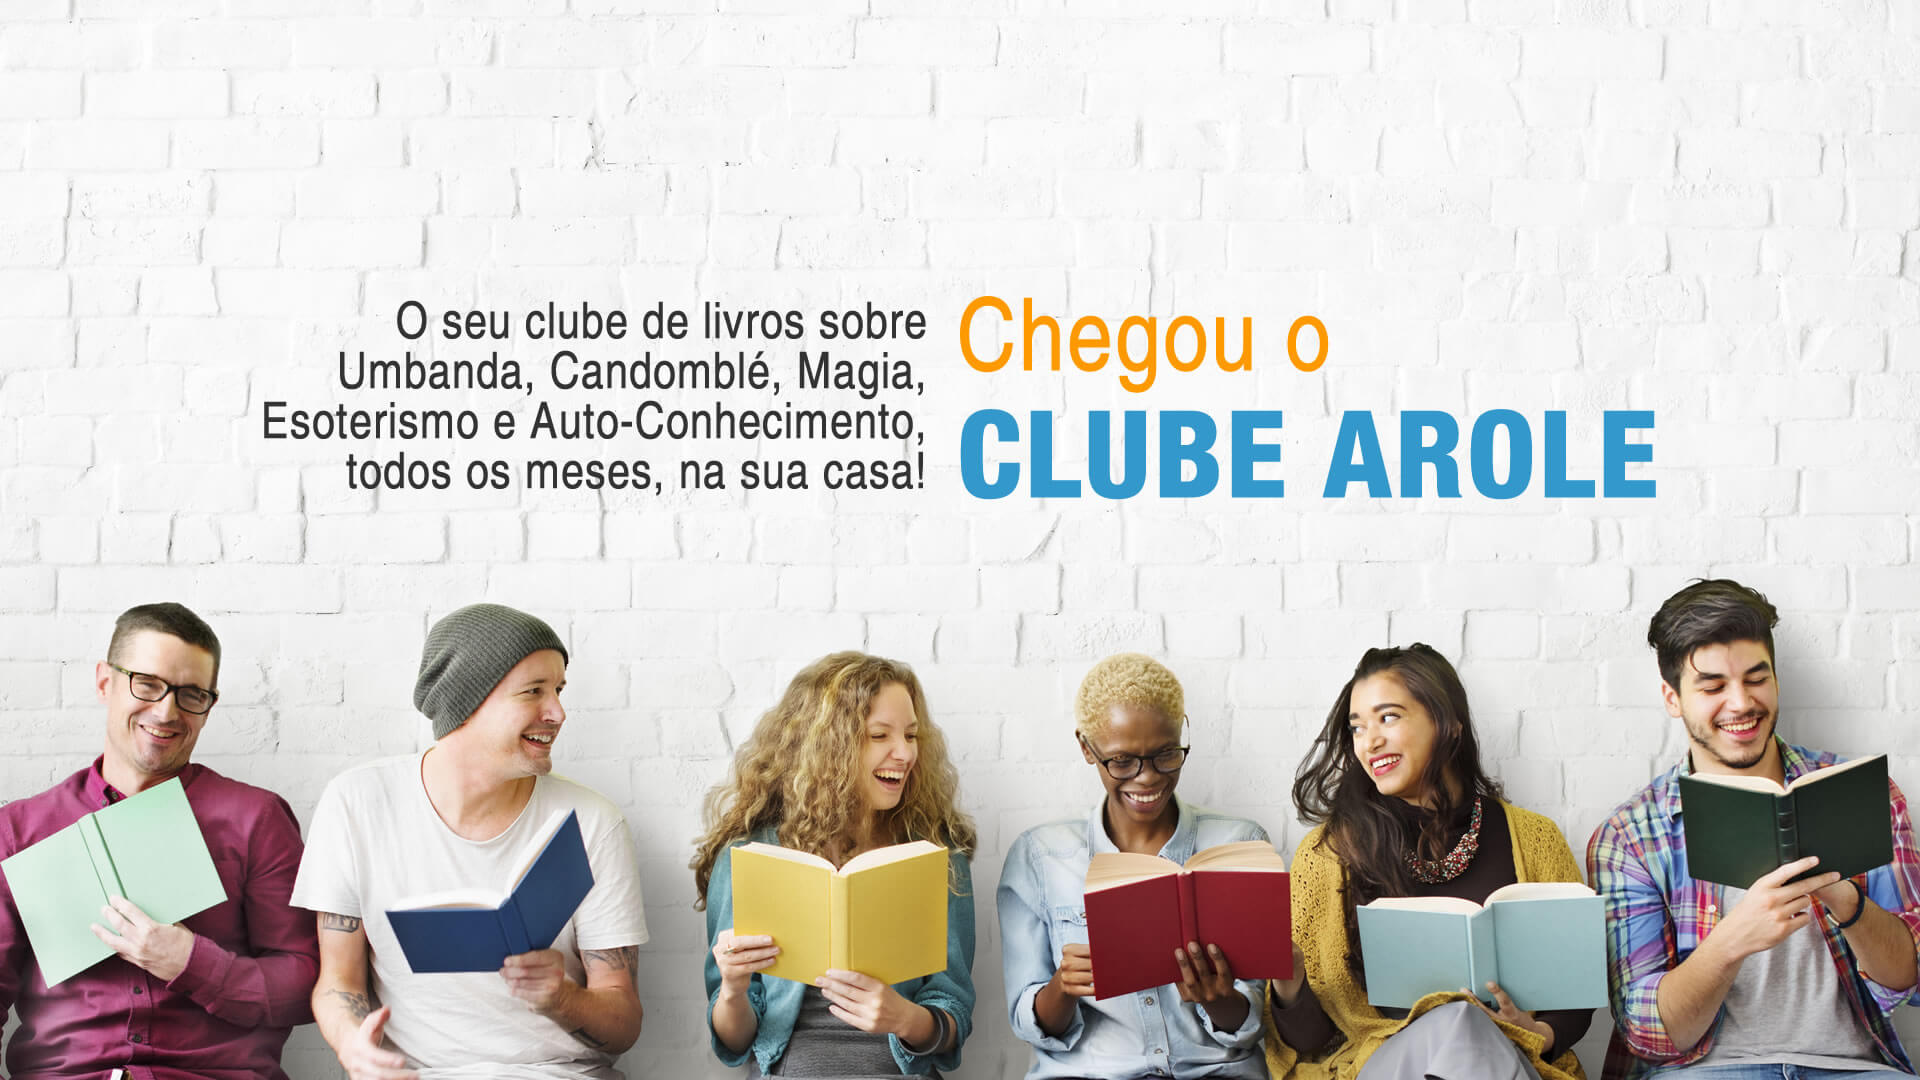 Arole Cultural | O Clube Arole, lançado no último 30 de abril, reunirá obras da Editora e outras publicações do segmento selecionadas por autores e curadores